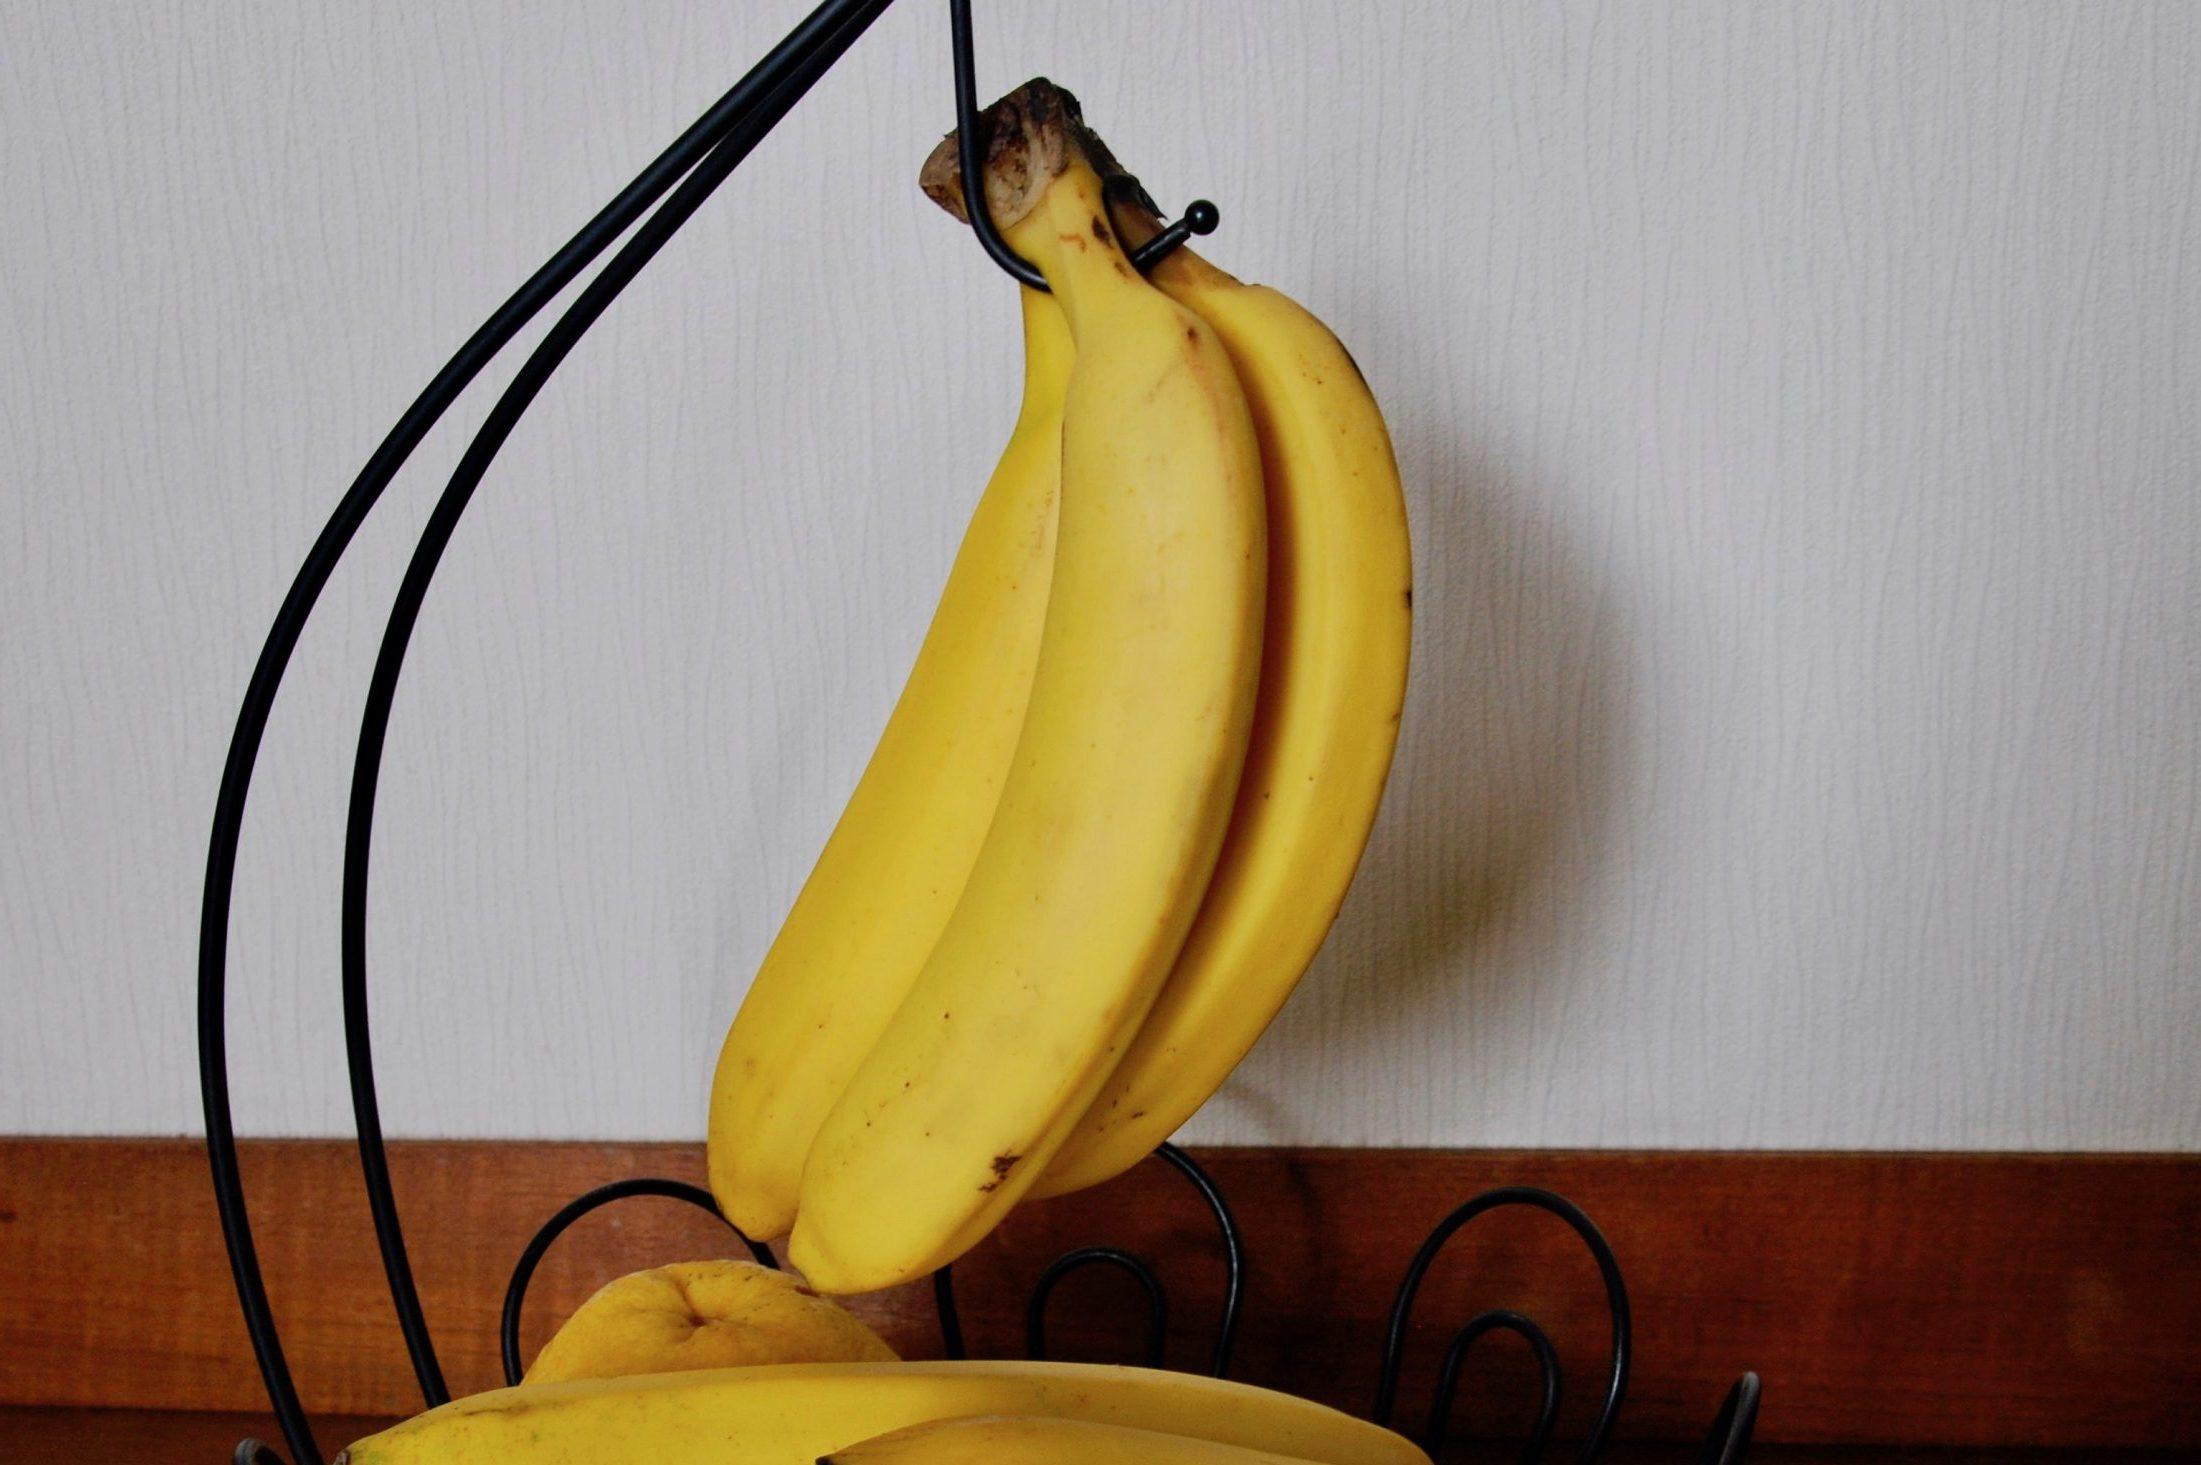 許せ、バナナよ。長年の誤解を捨てて、いまこそバナナを食べよう